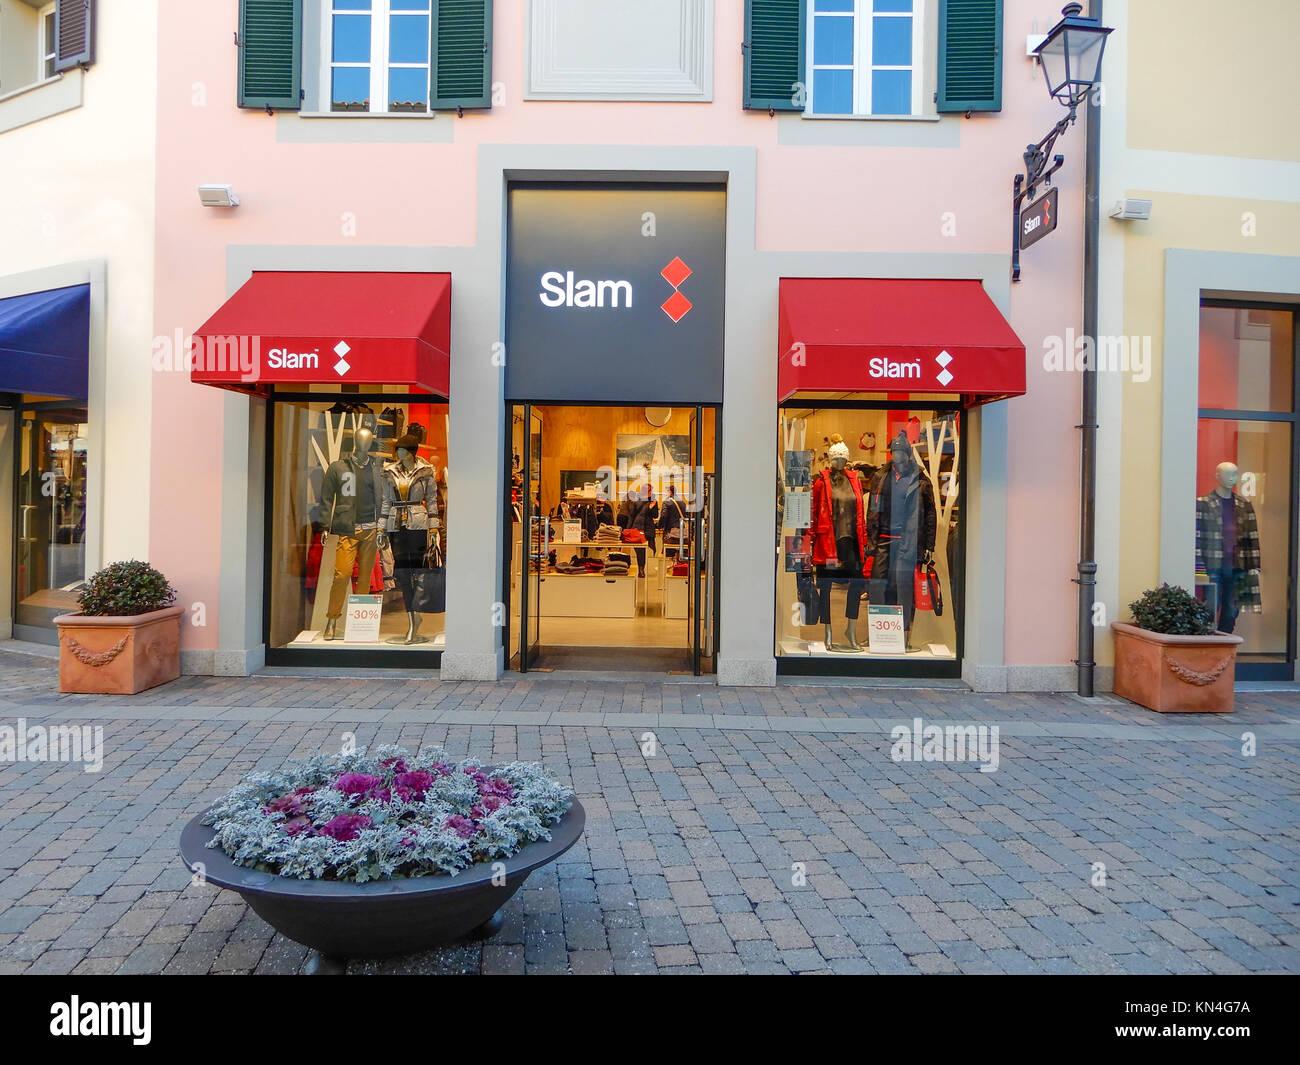 Milano, 5 dicembre 2017 - Vista del negozio di marca Slam ...